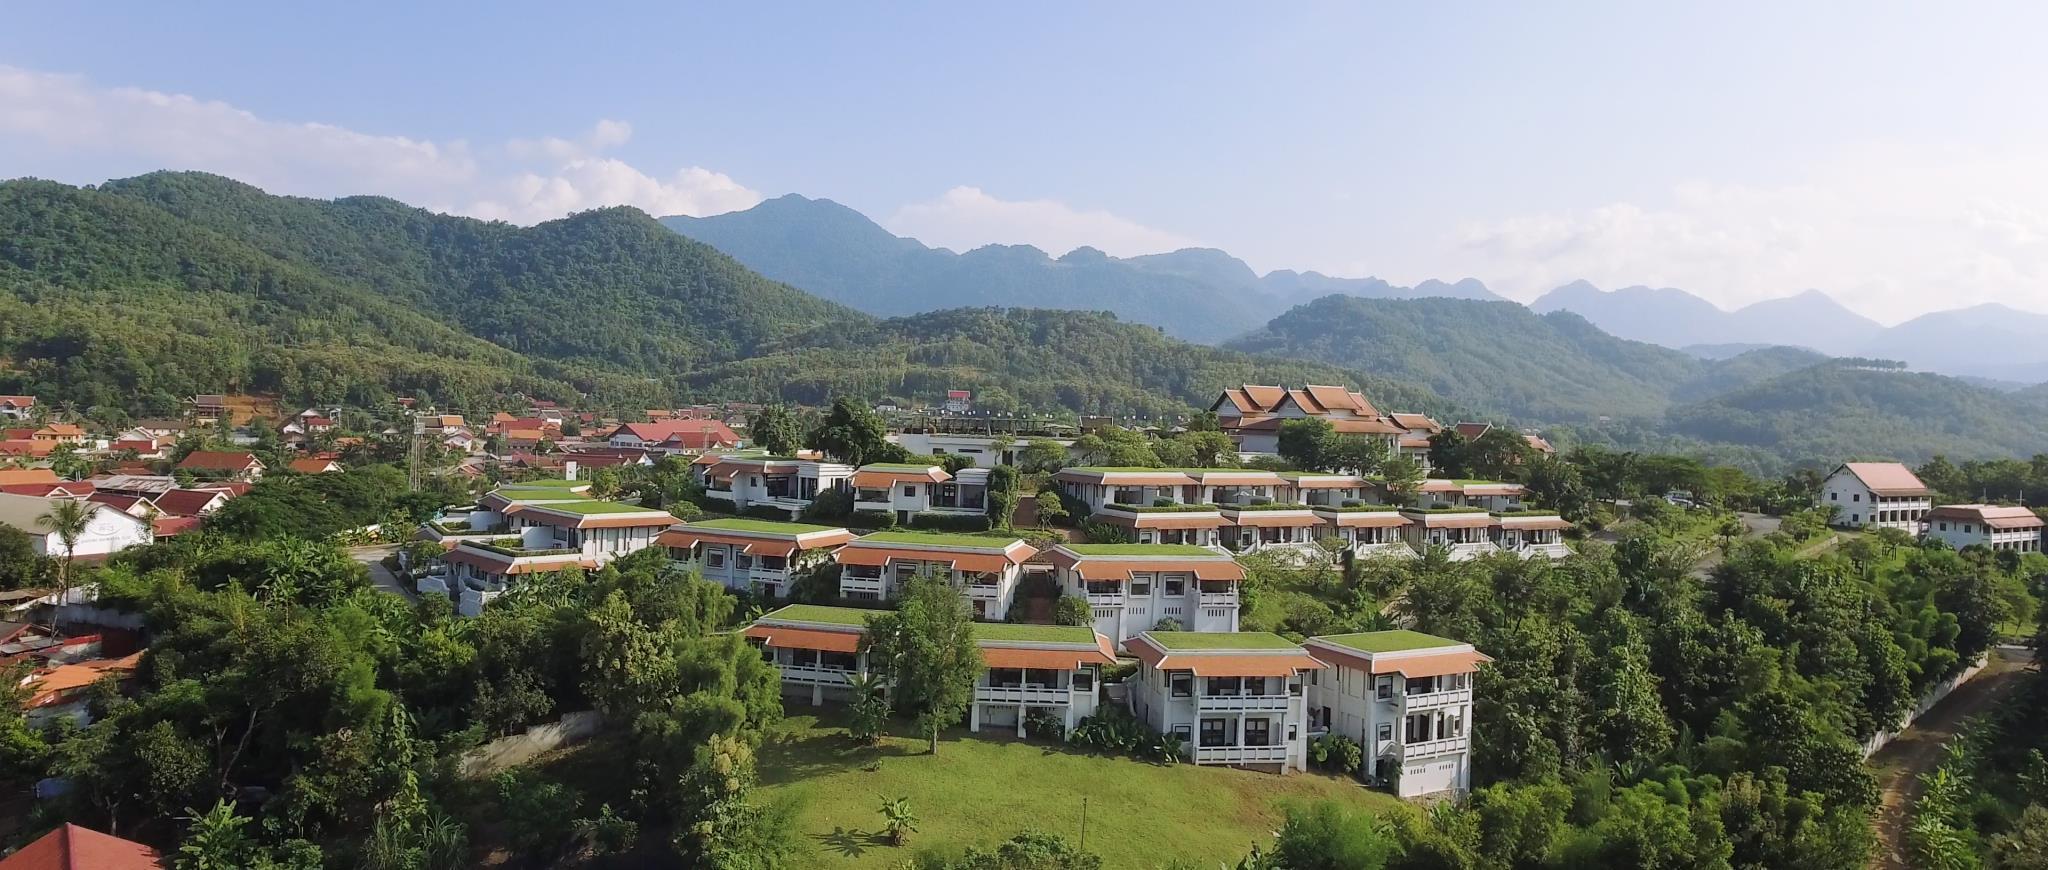 Luang Prabang View Hotel